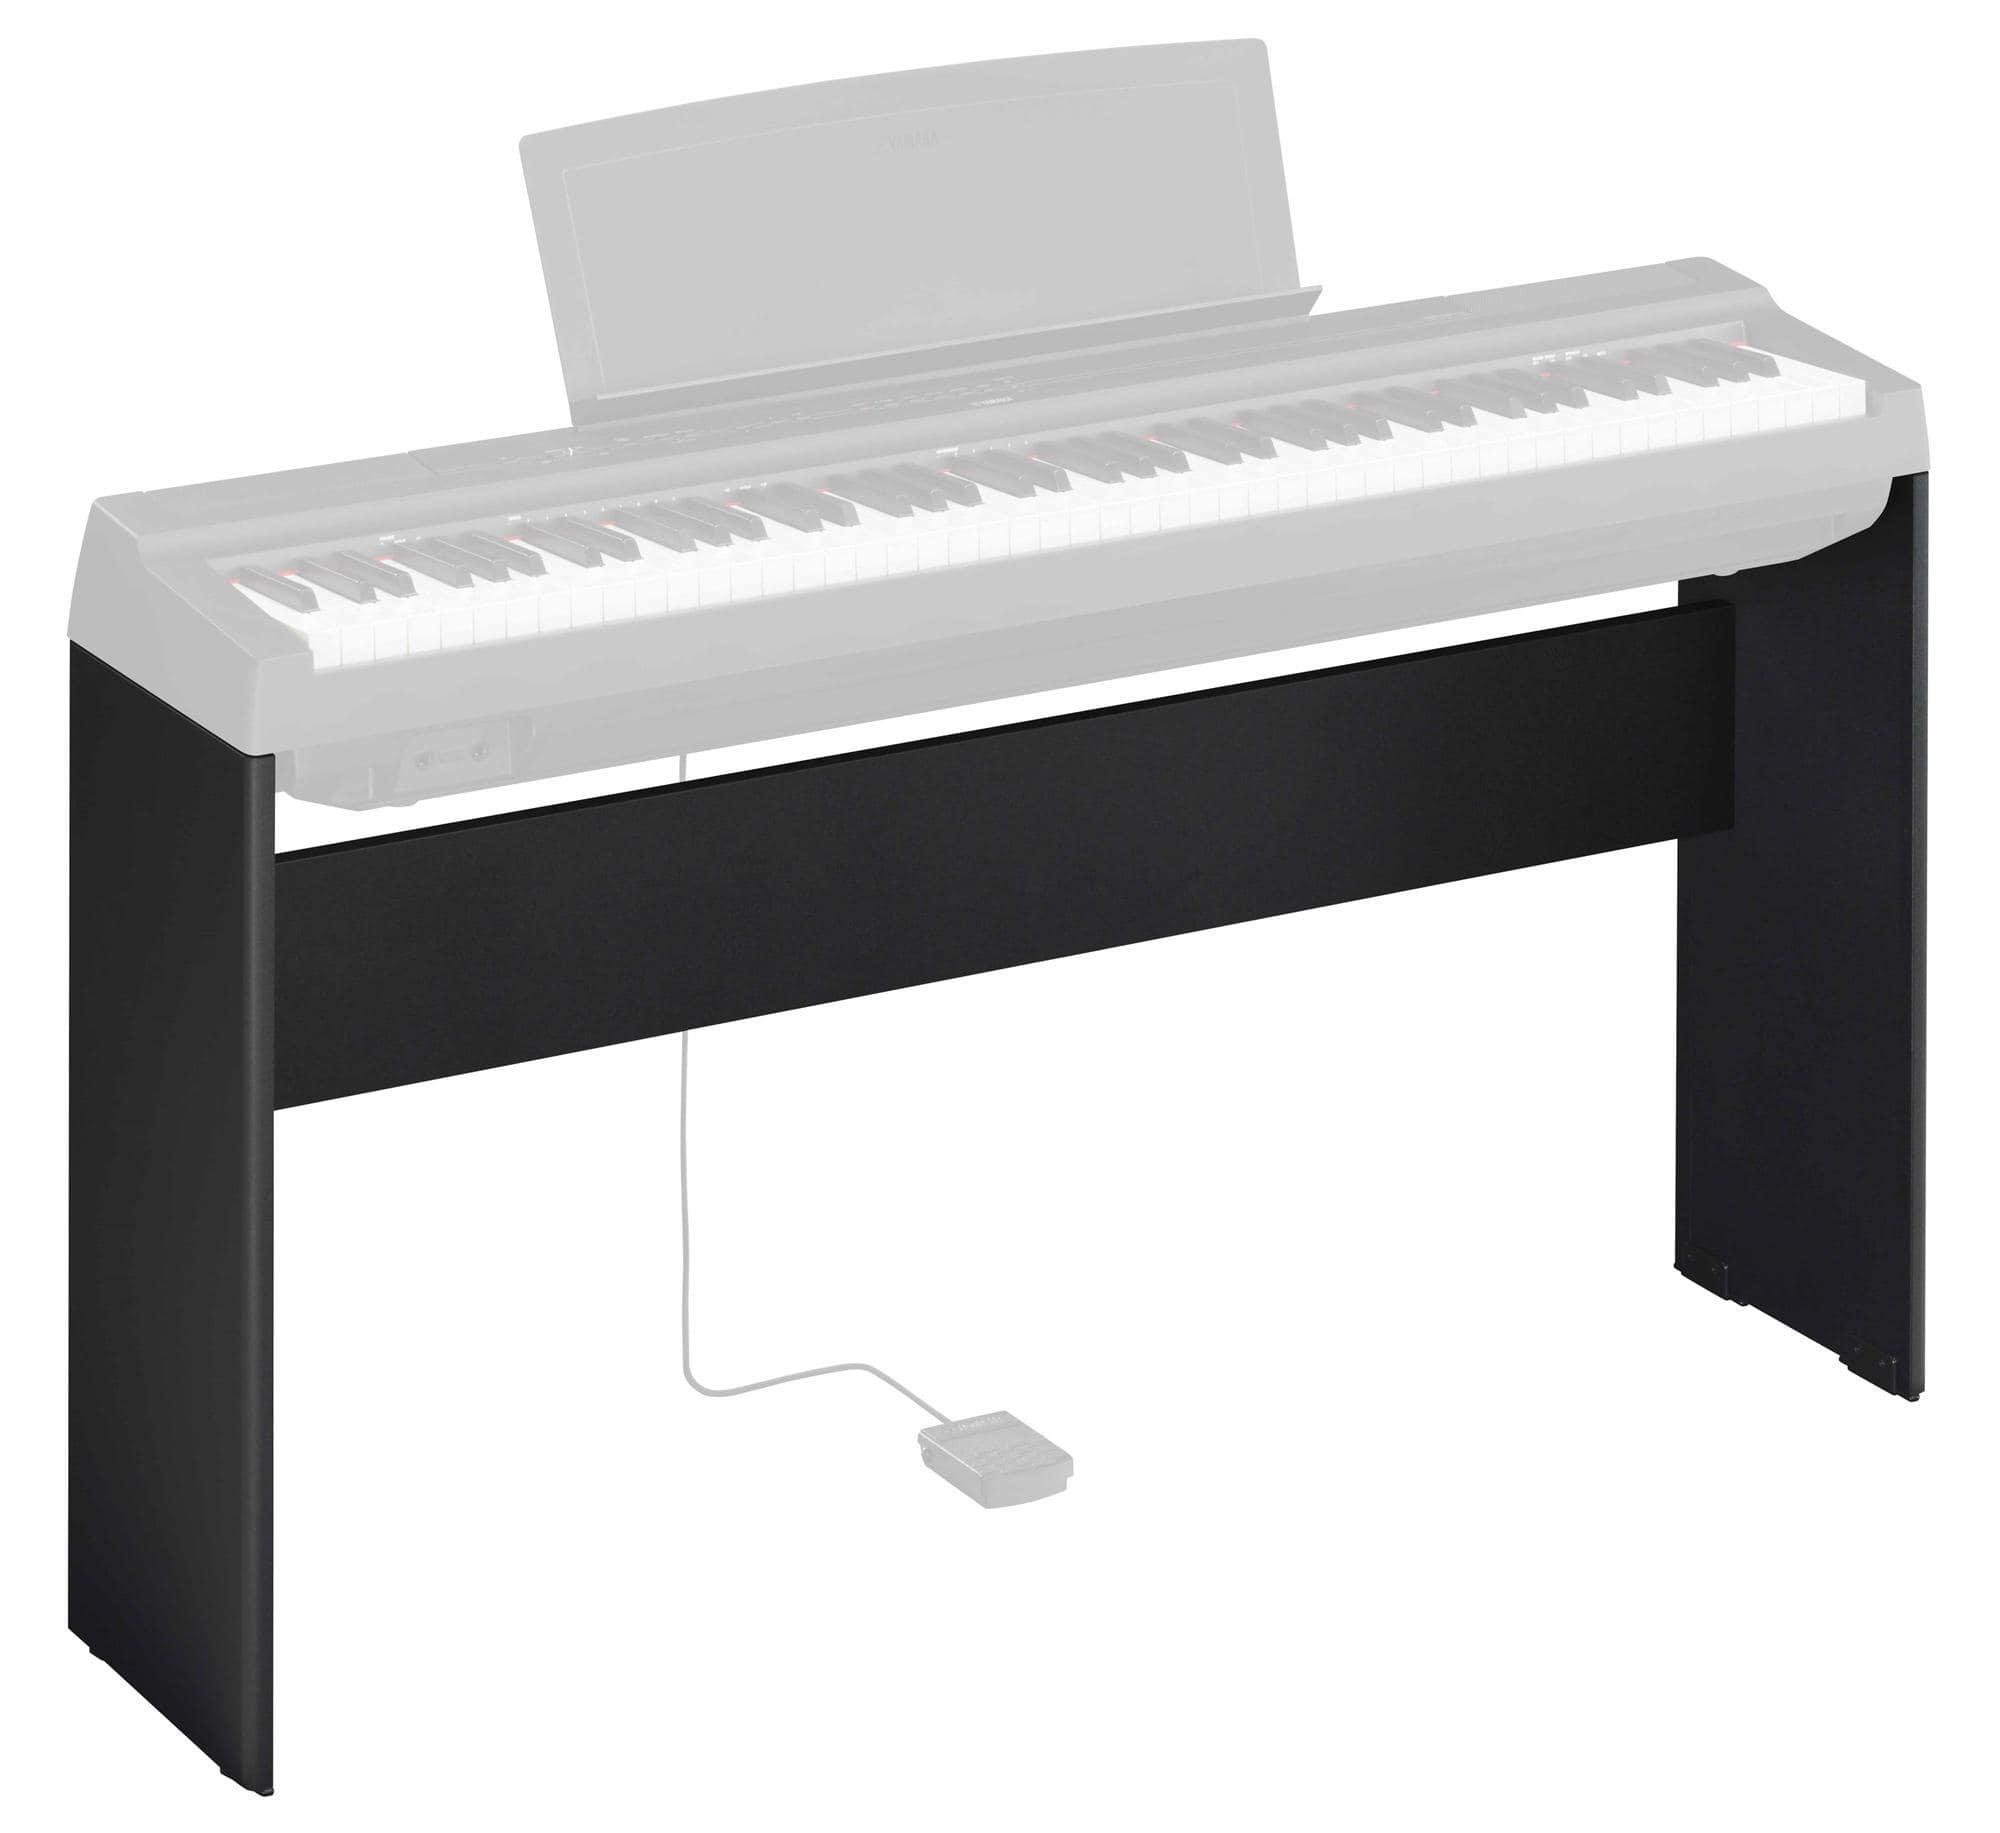 yamaha l 125b keyboardst nder f r p 125b schwarz. Black Bedroom Furniture Sets. Home Design Ideas